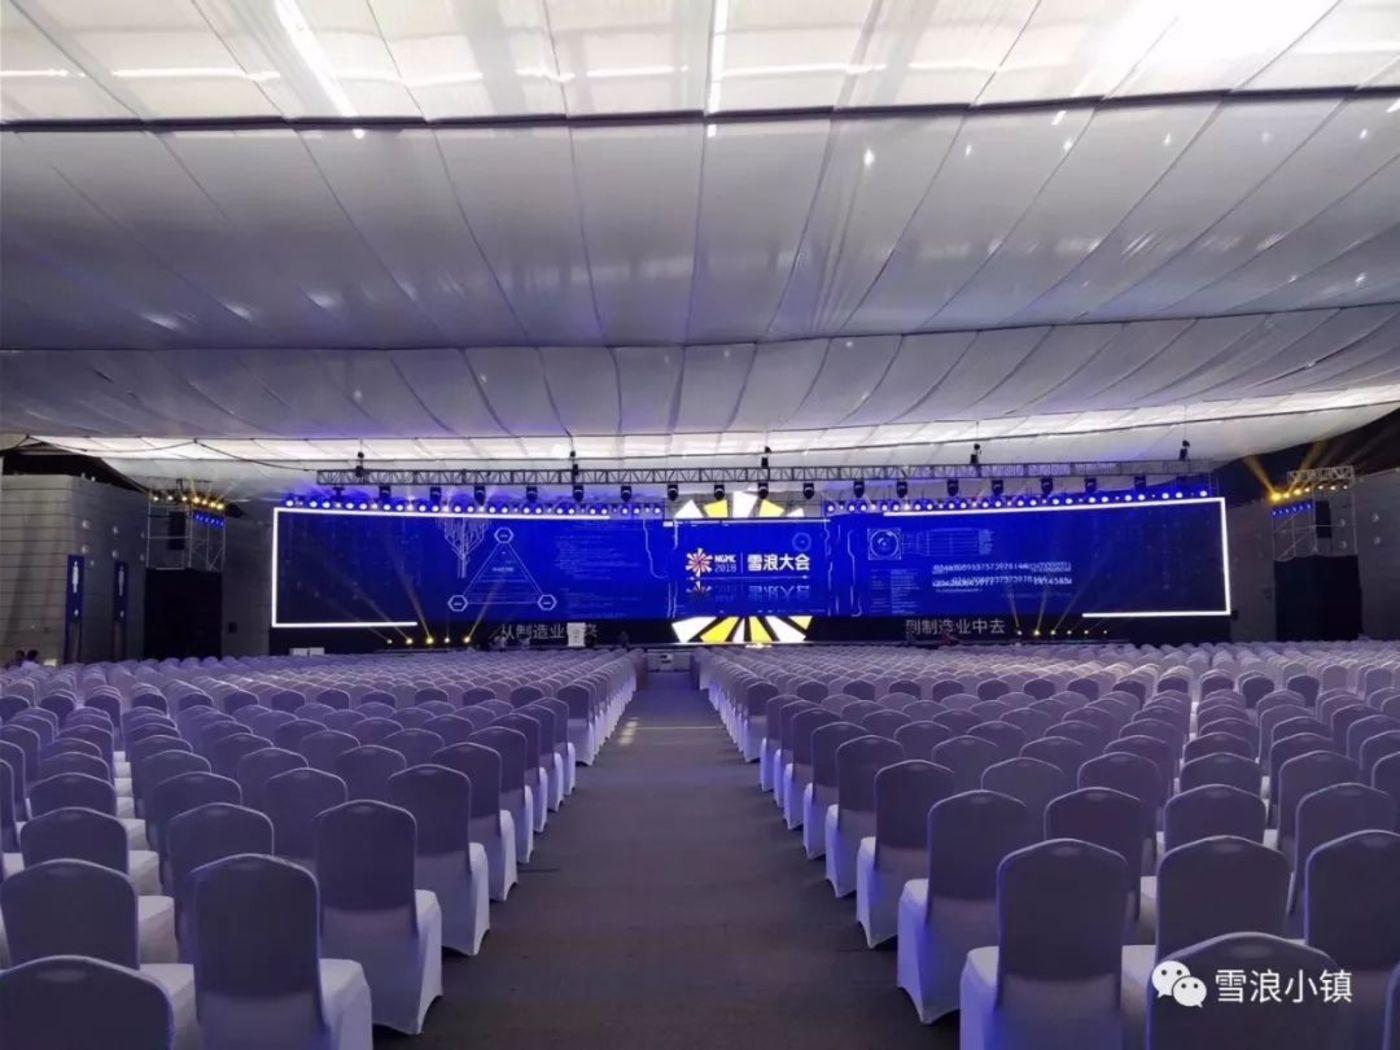 可容纳5000人的大会场,小编表示很震撼哦!